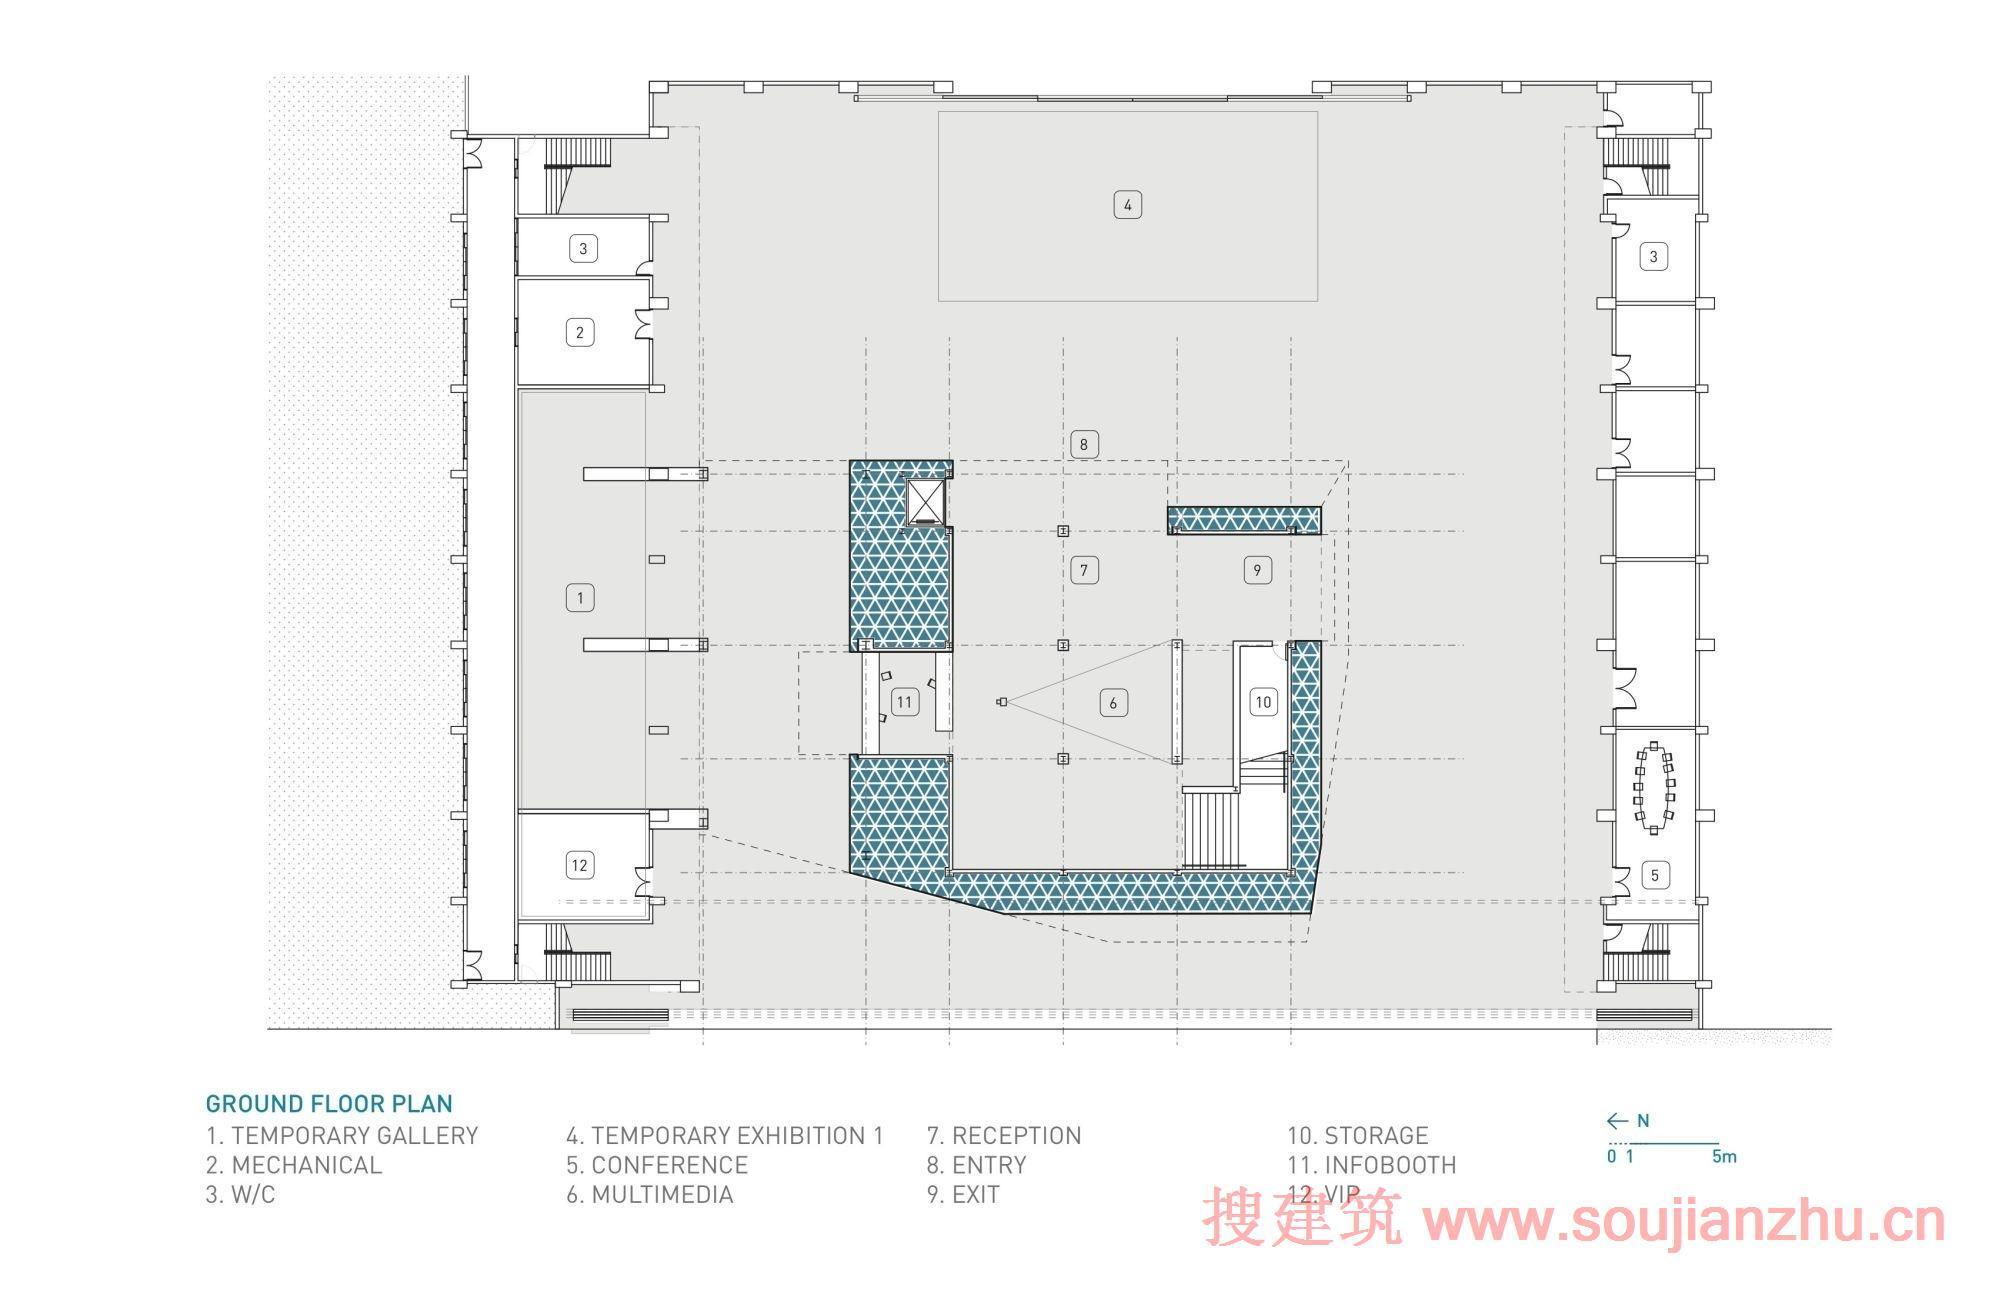 建筑师:Stan Allen Architect 地点:台湾 台中   2009年,Stan Allen Architect完成了台中网关的总体规划,一个位于台中市机场的240公顷的混合使用地区。为了提高项目意识,将市民带到这个壮观的场地,设计师提出了直接建建筑--临时展览亭,来展览该场地和项目。展馆被建在一个大型飞机库内,为项目公园提供了一个了清晰的视野巨大。图纸、模型和计算机动画均在内部显示,同时一个高架瞭望露台为大众提供了一个施工进度的视觉。 (本资料由搜建筑网整理,转载请注明出处。)